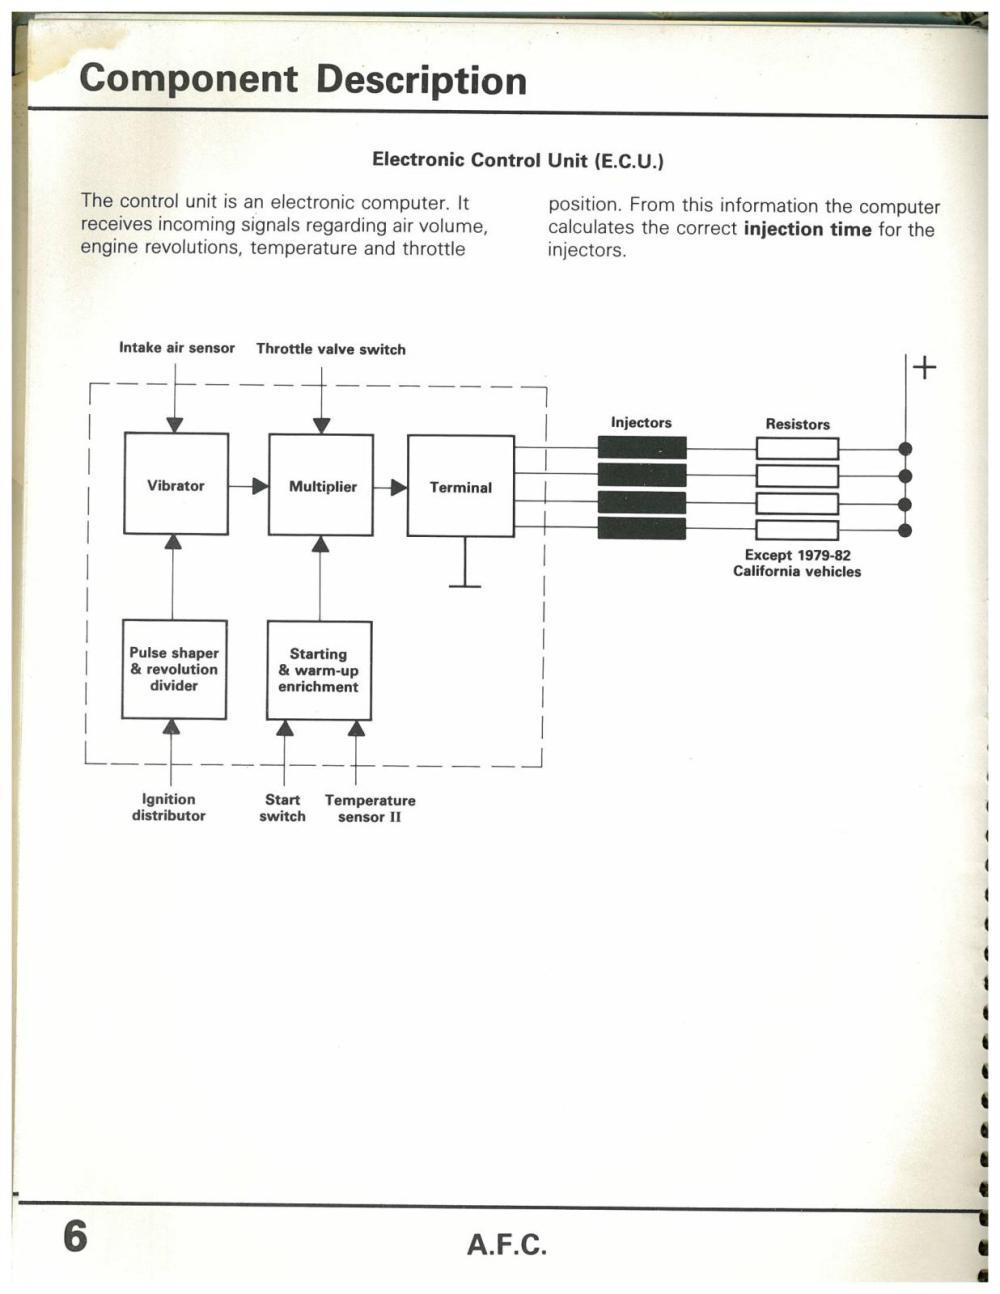 medium resolution of l jet ecu block diagram